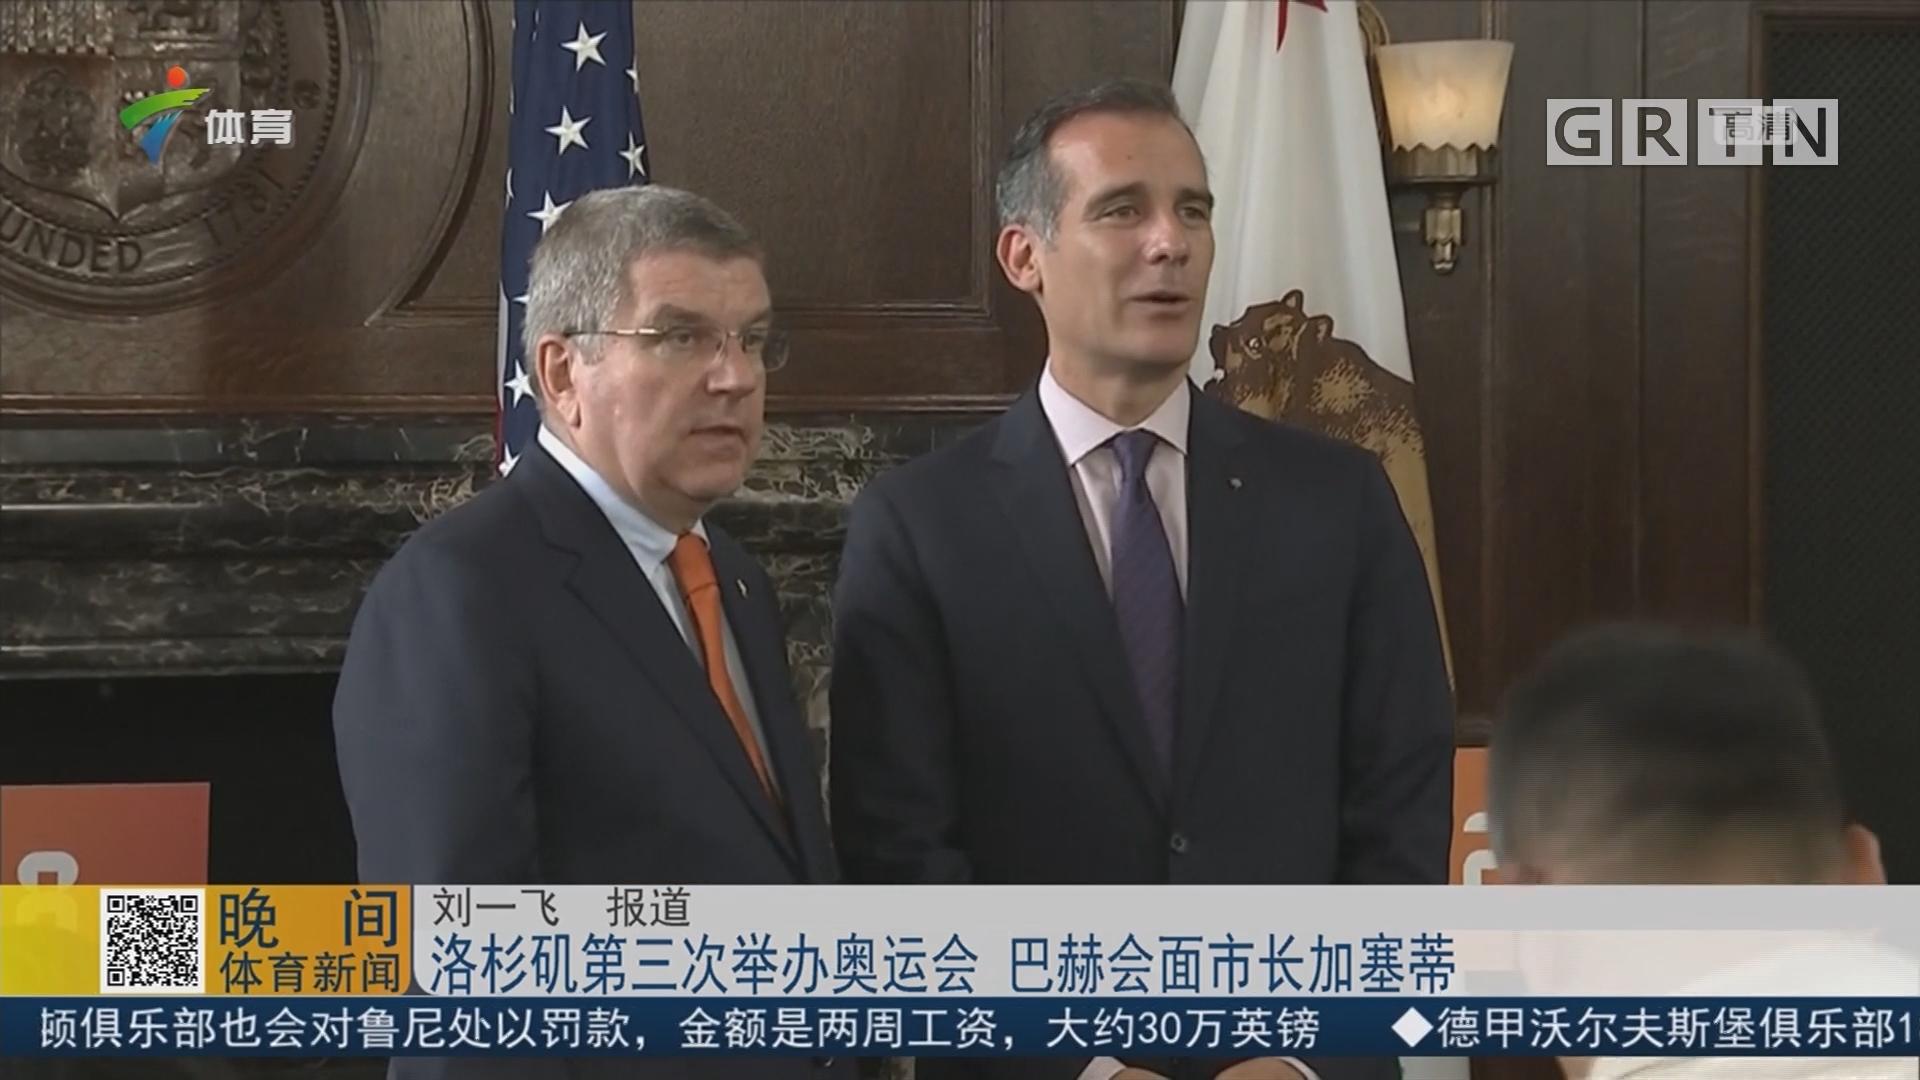 洛杉矶第三次举办奥运会 巴赫会面市长加塞蒂